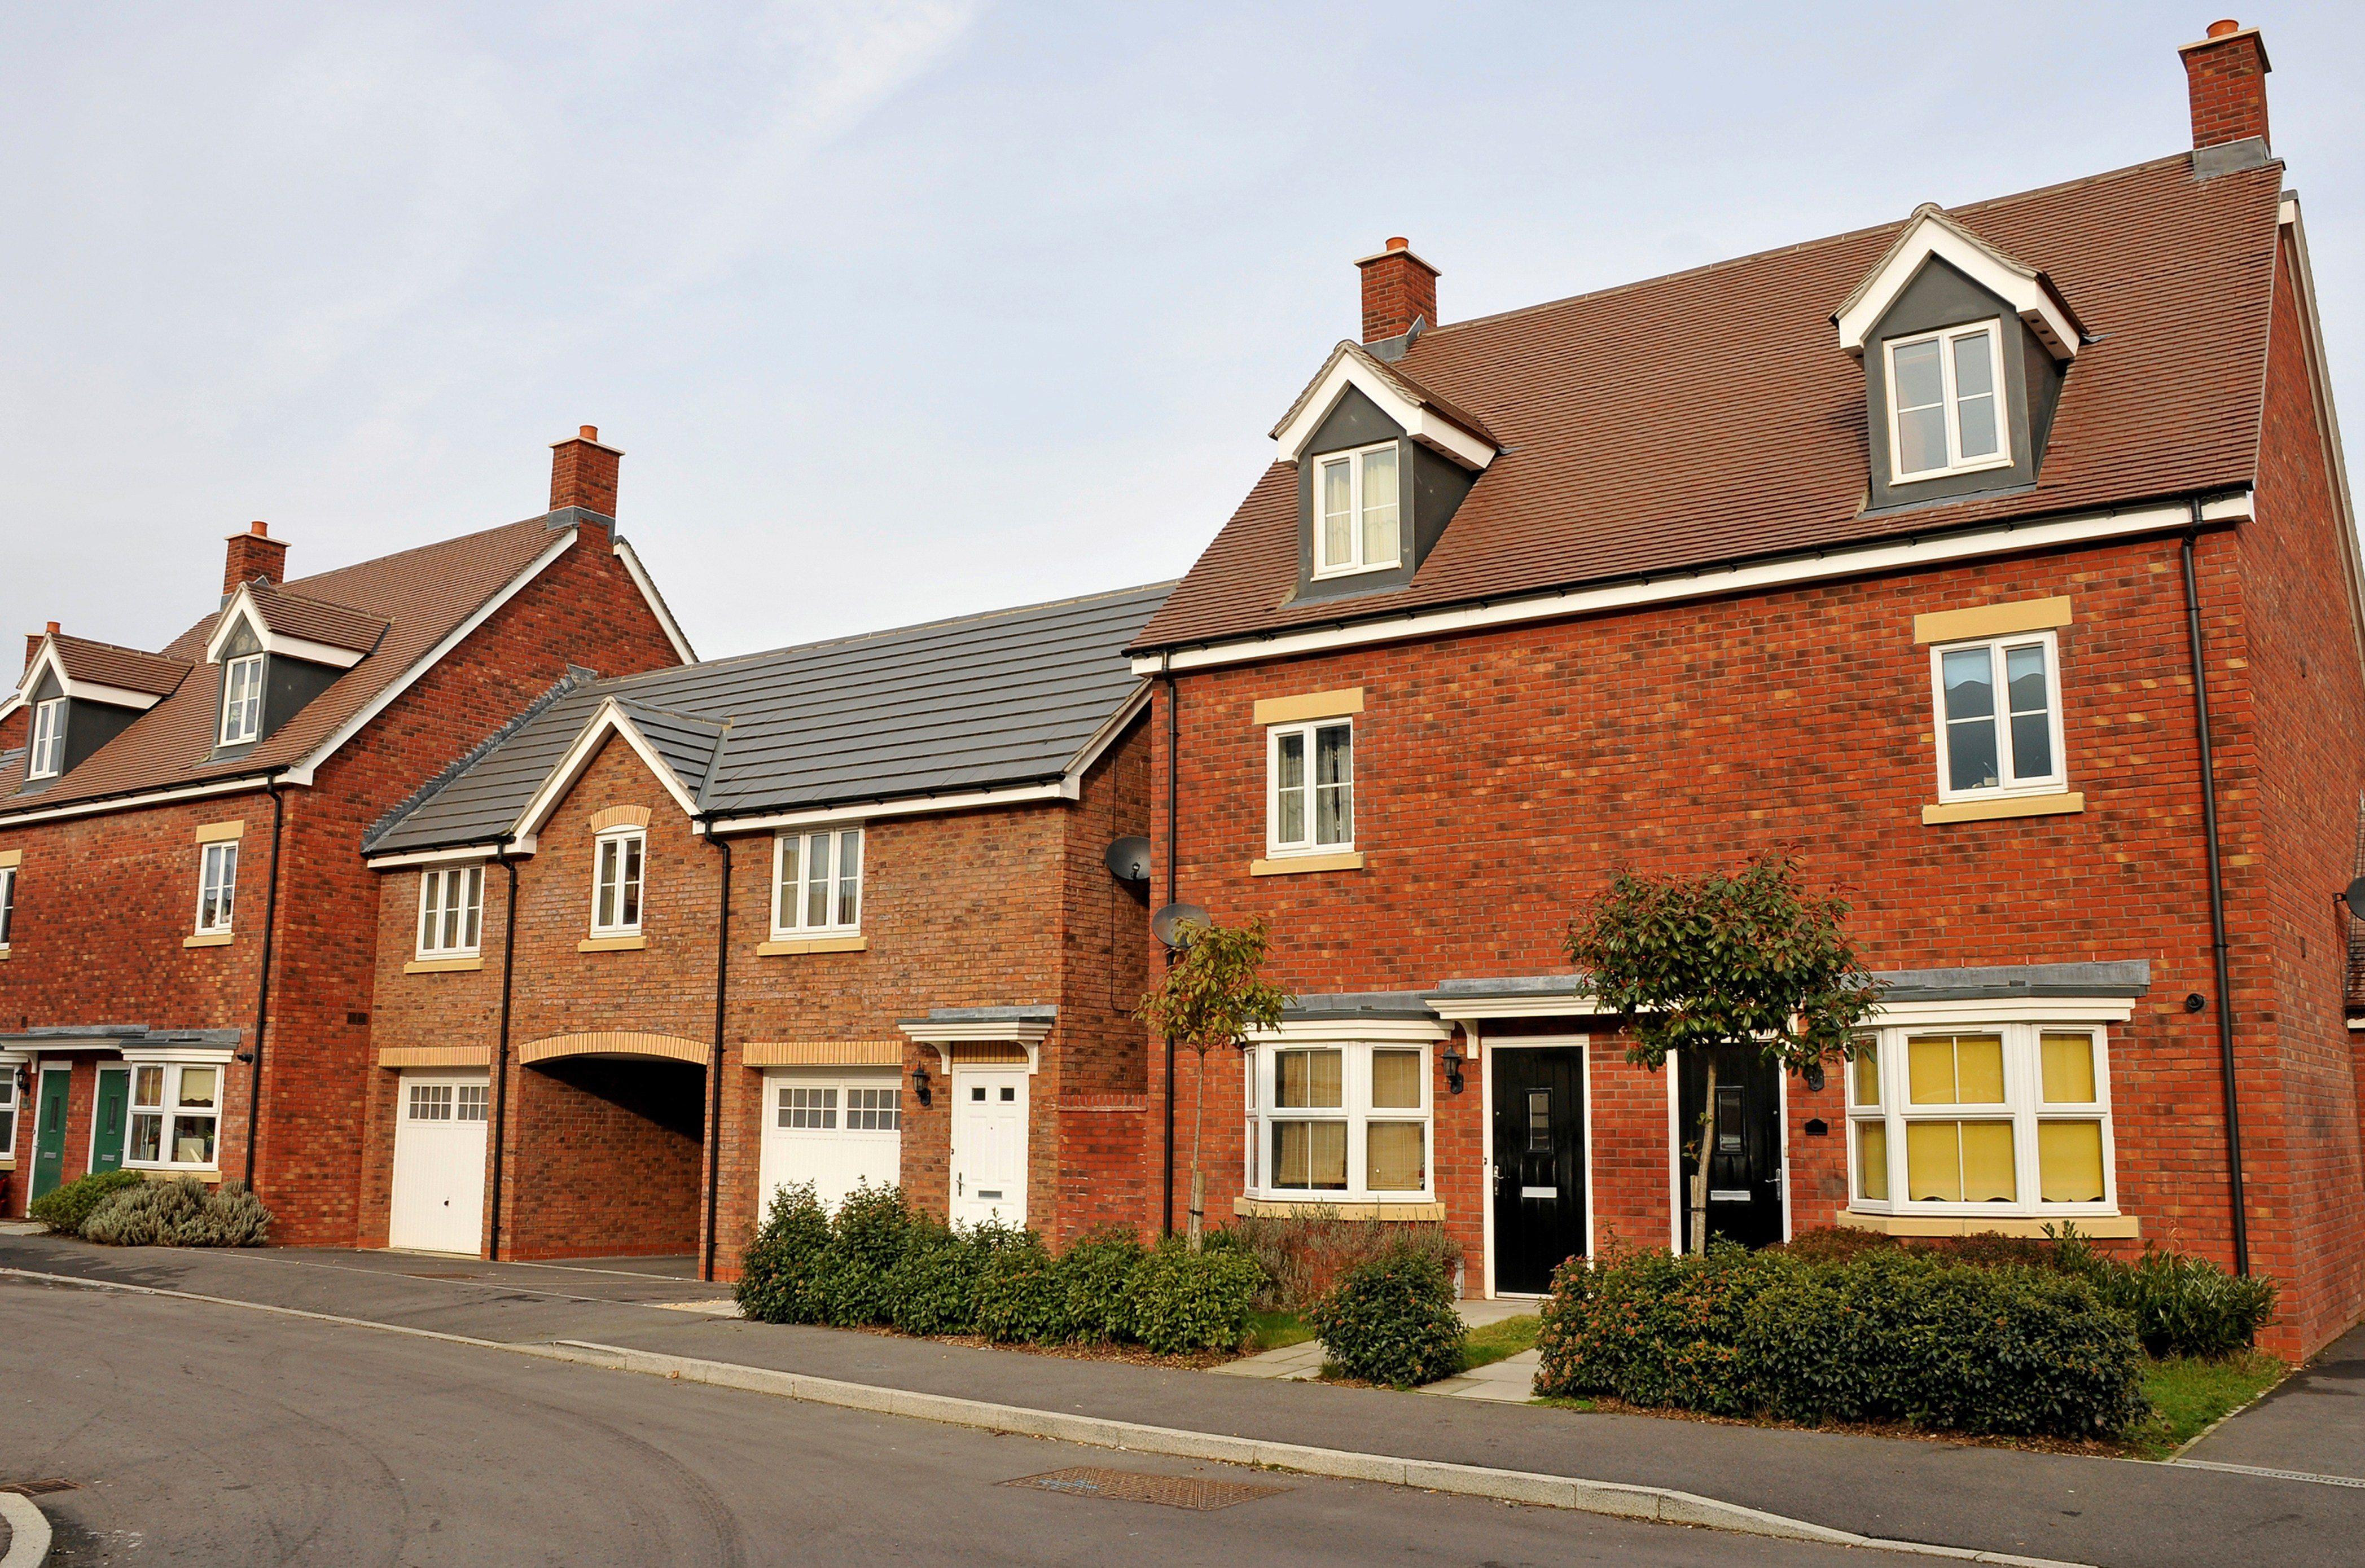 Affordable Home Building Targets Nottingham